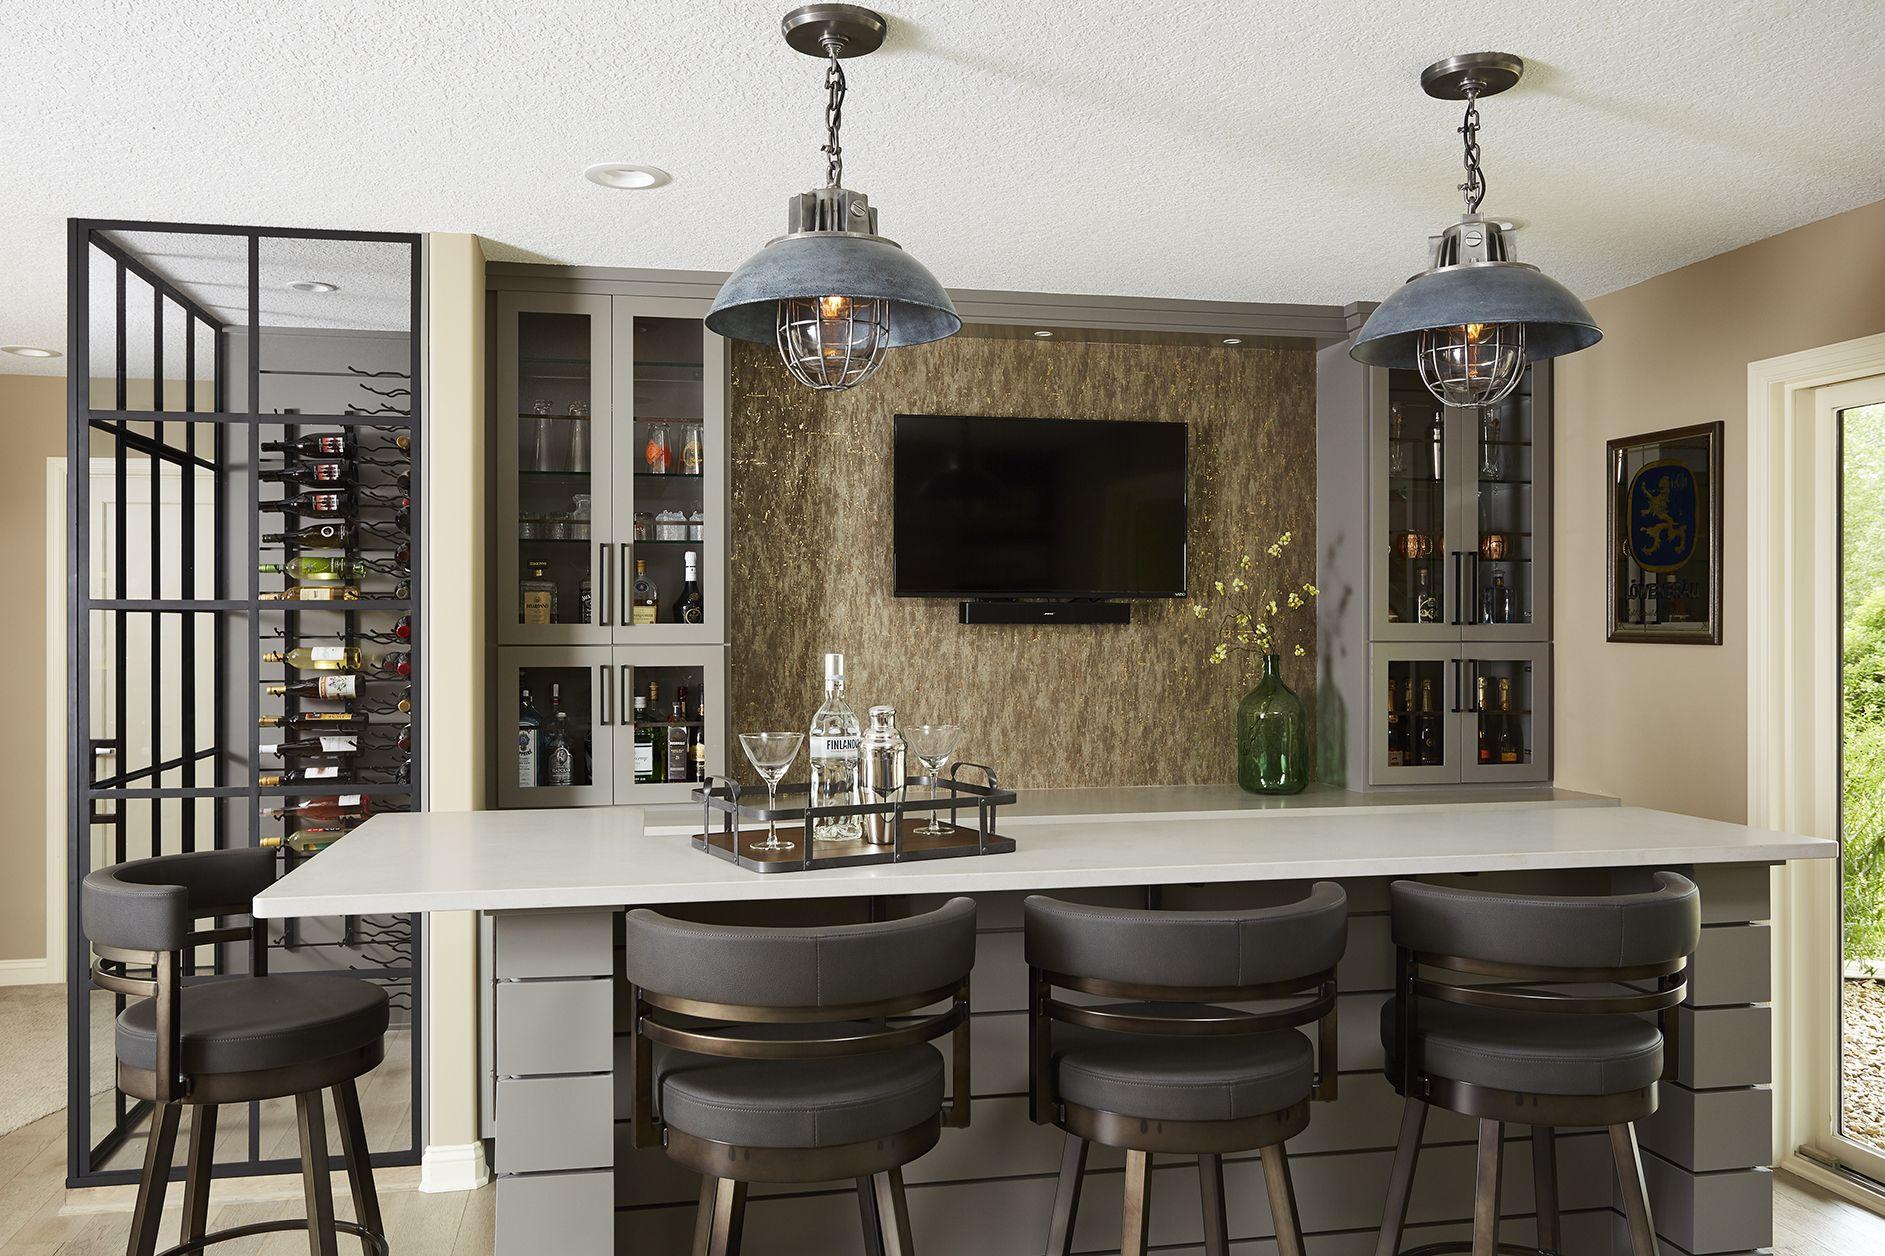 Basement Design For Entertaining, Glass Wine Cellar, Black Framed Glass,